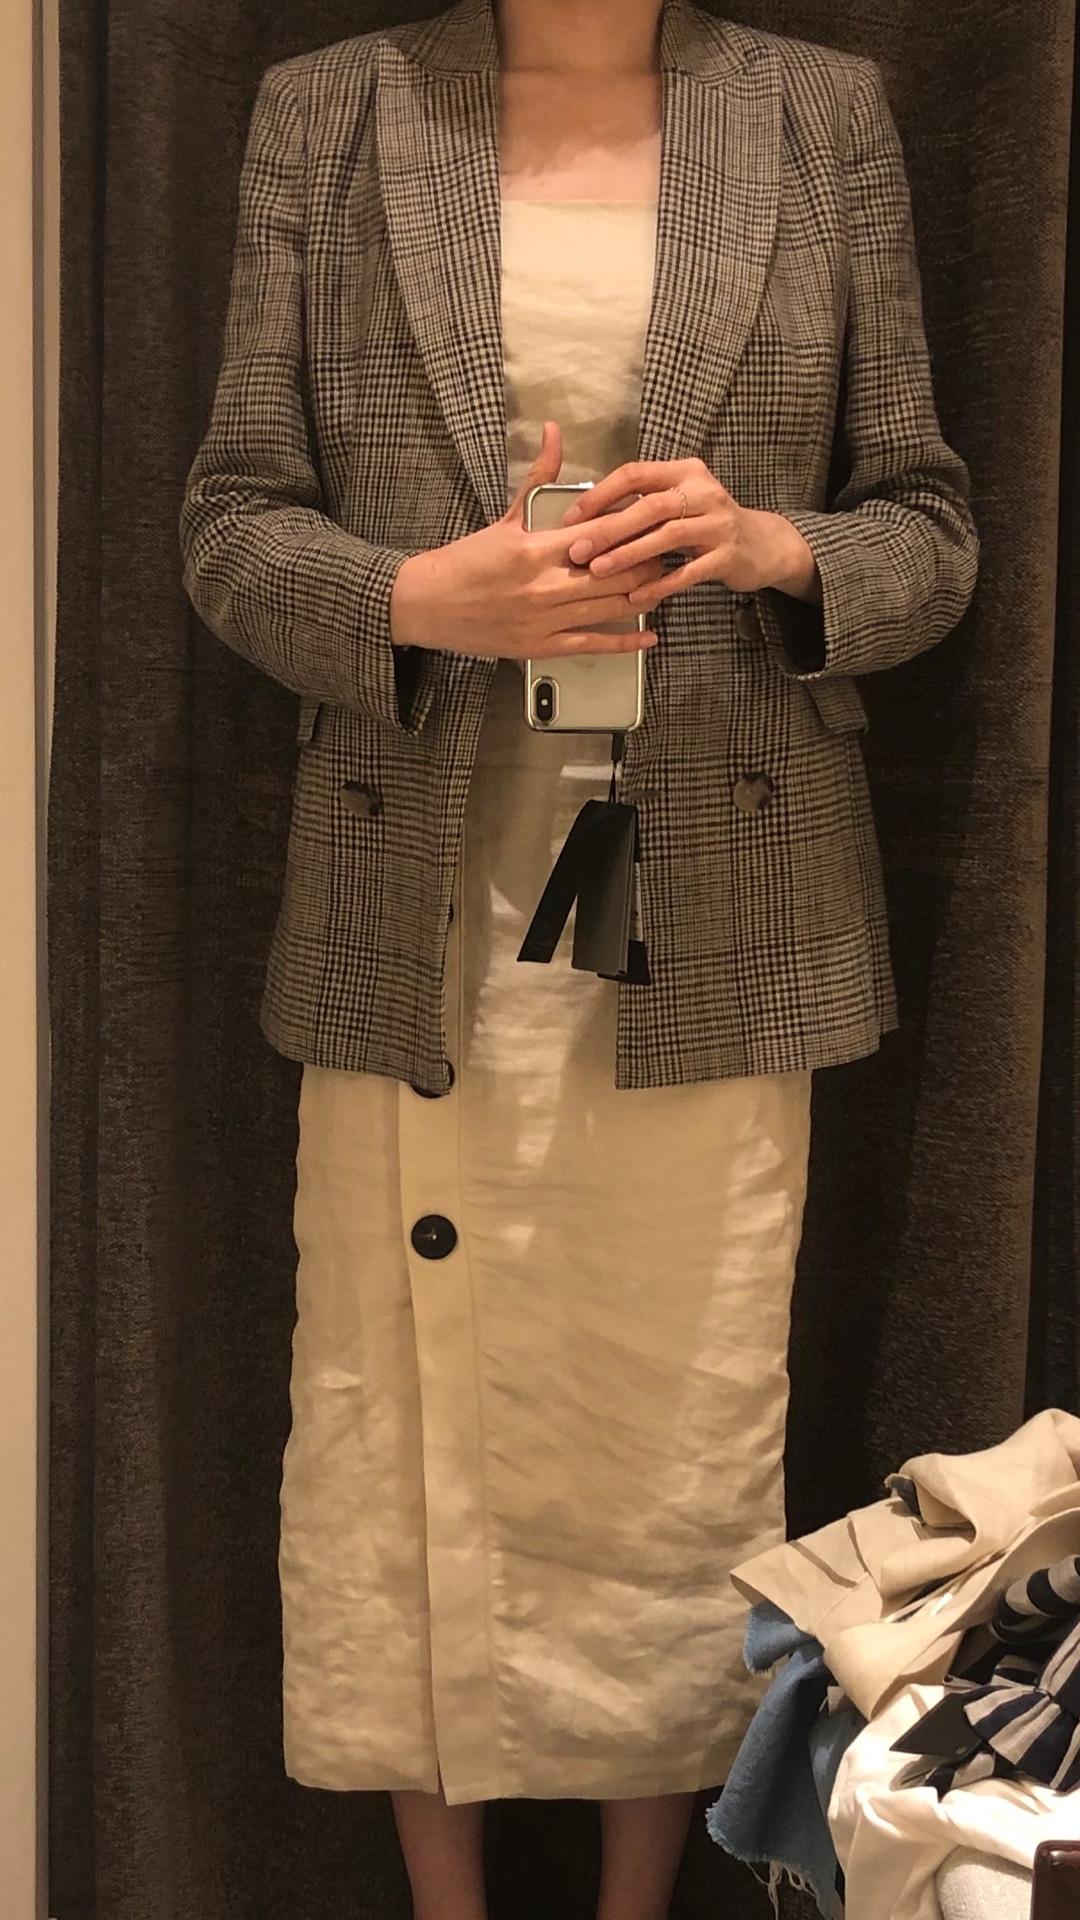 冬天办公室穿什么?这样穿职业 又舒服 再套一件大衣就可以出门啦  #今天穿什么##